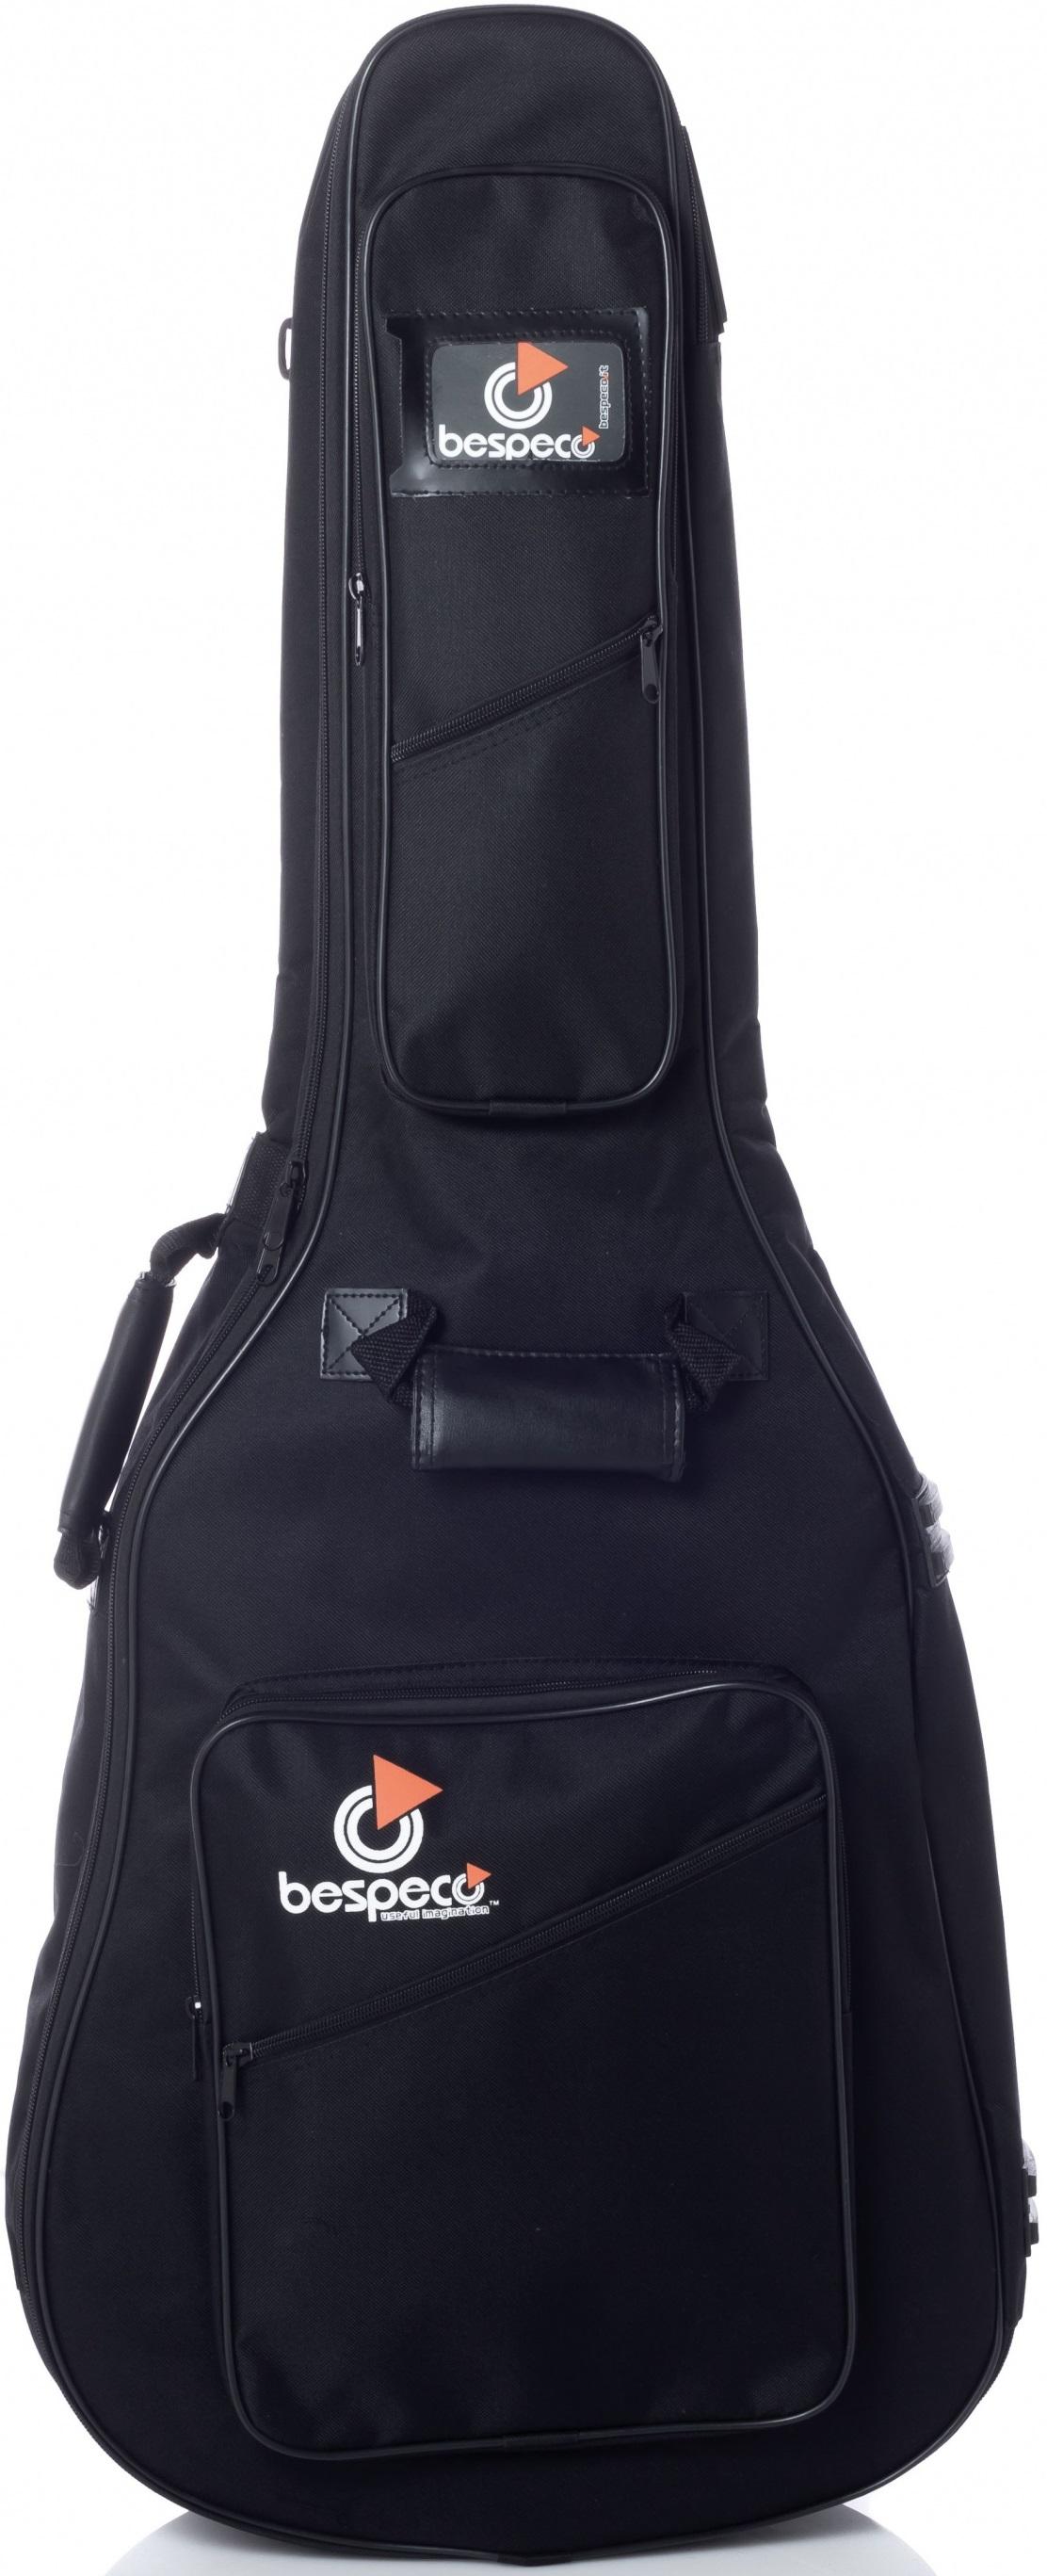 Bespeco BAG110AG